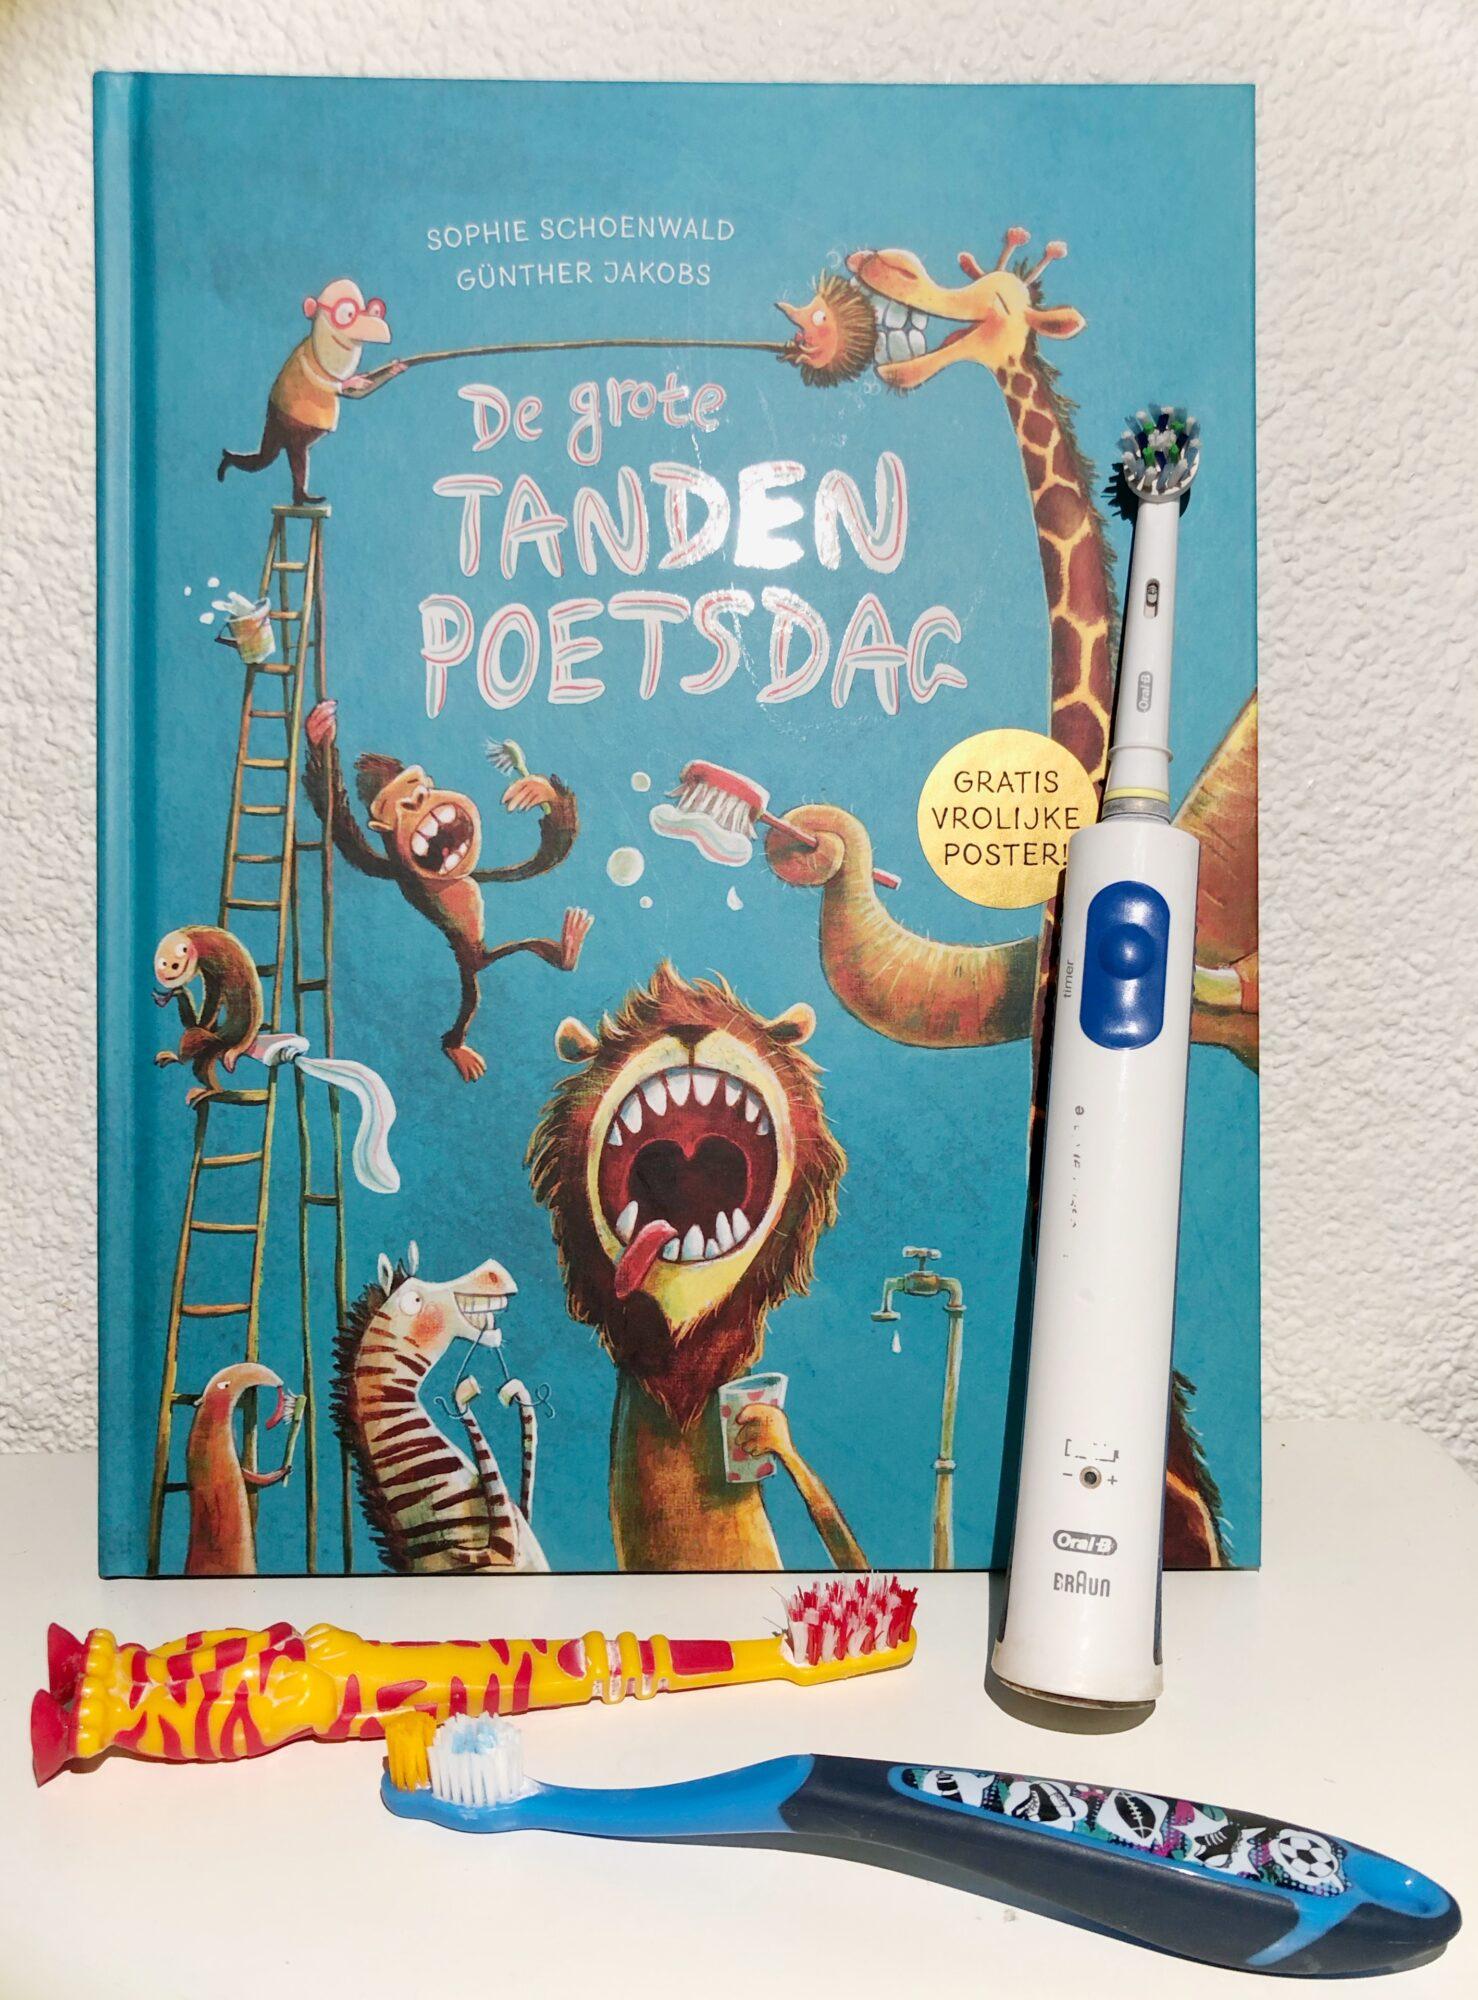 Win De grote tandenpoetsdag